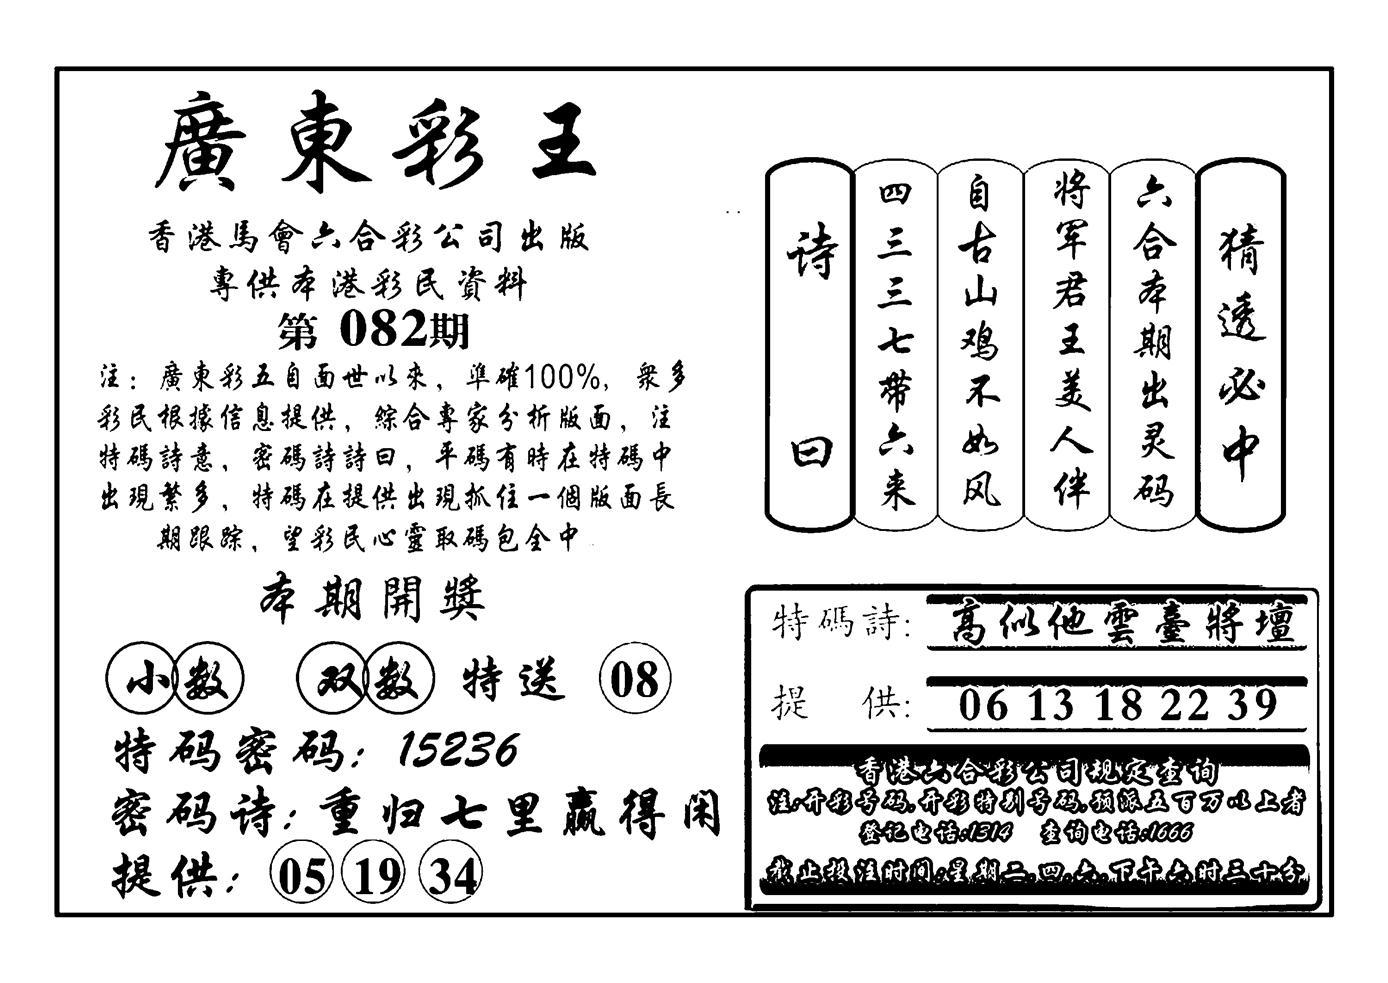 082期广东彩王(黑白)